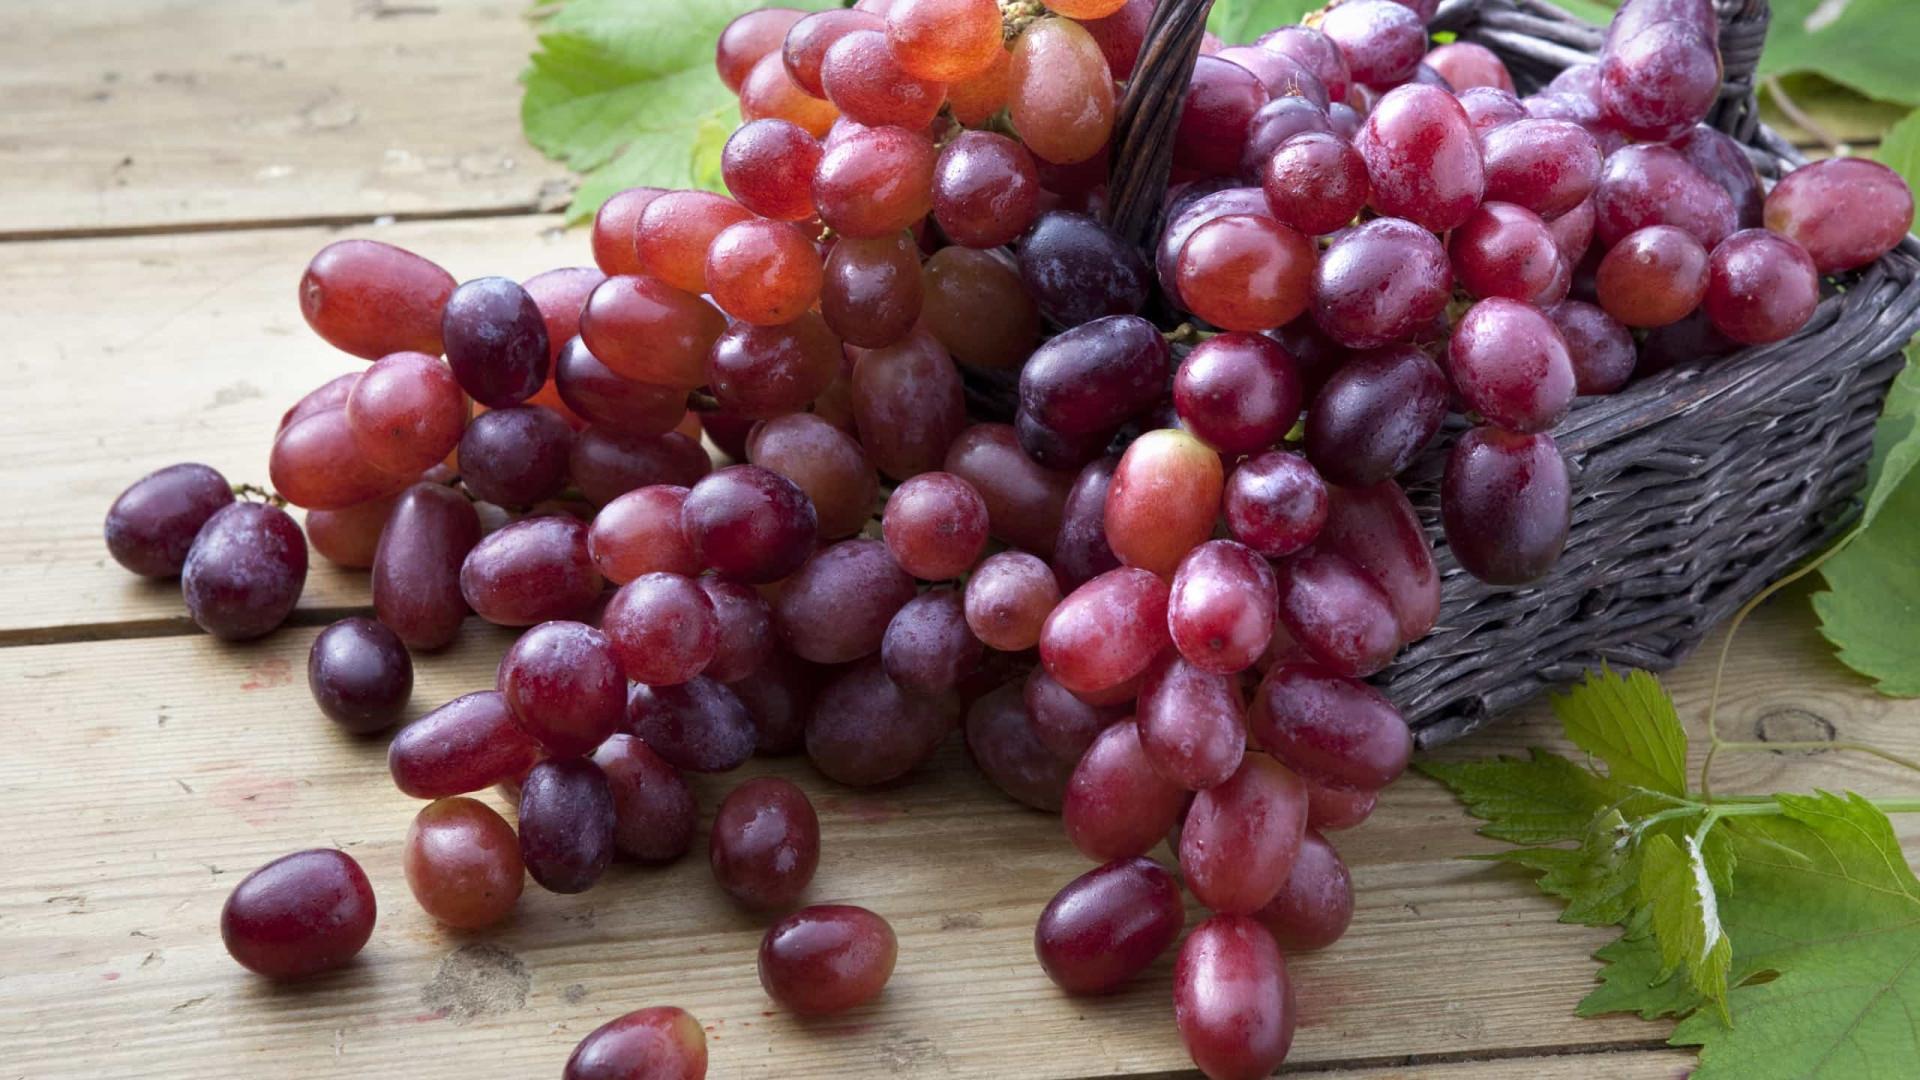 Como as uvas podem retardar o envelhecimento e promover a longevidade